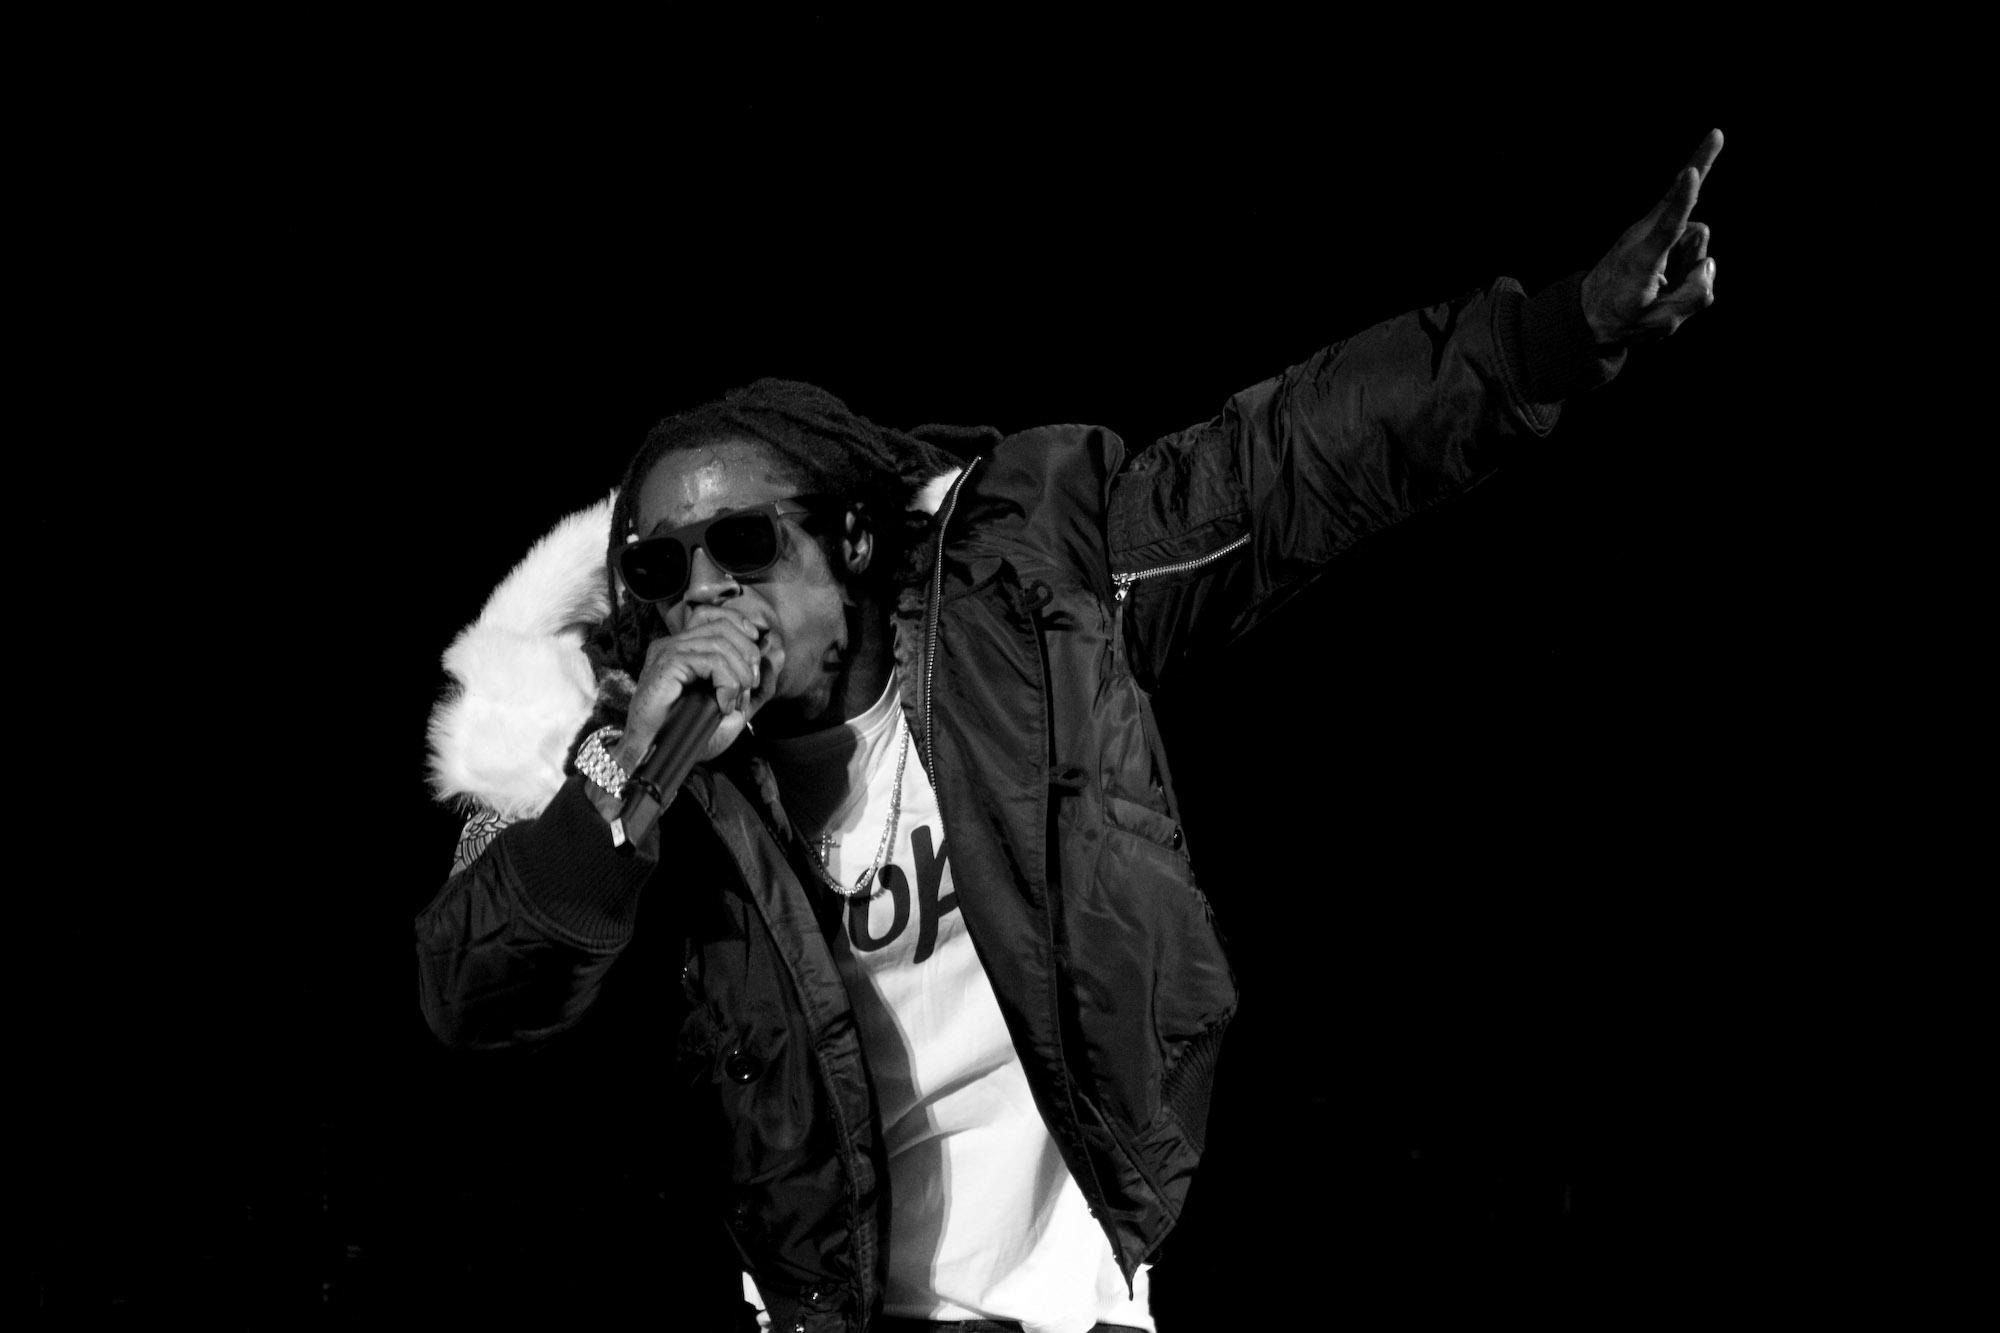 lil-wayne-best-rapper-alive-2009